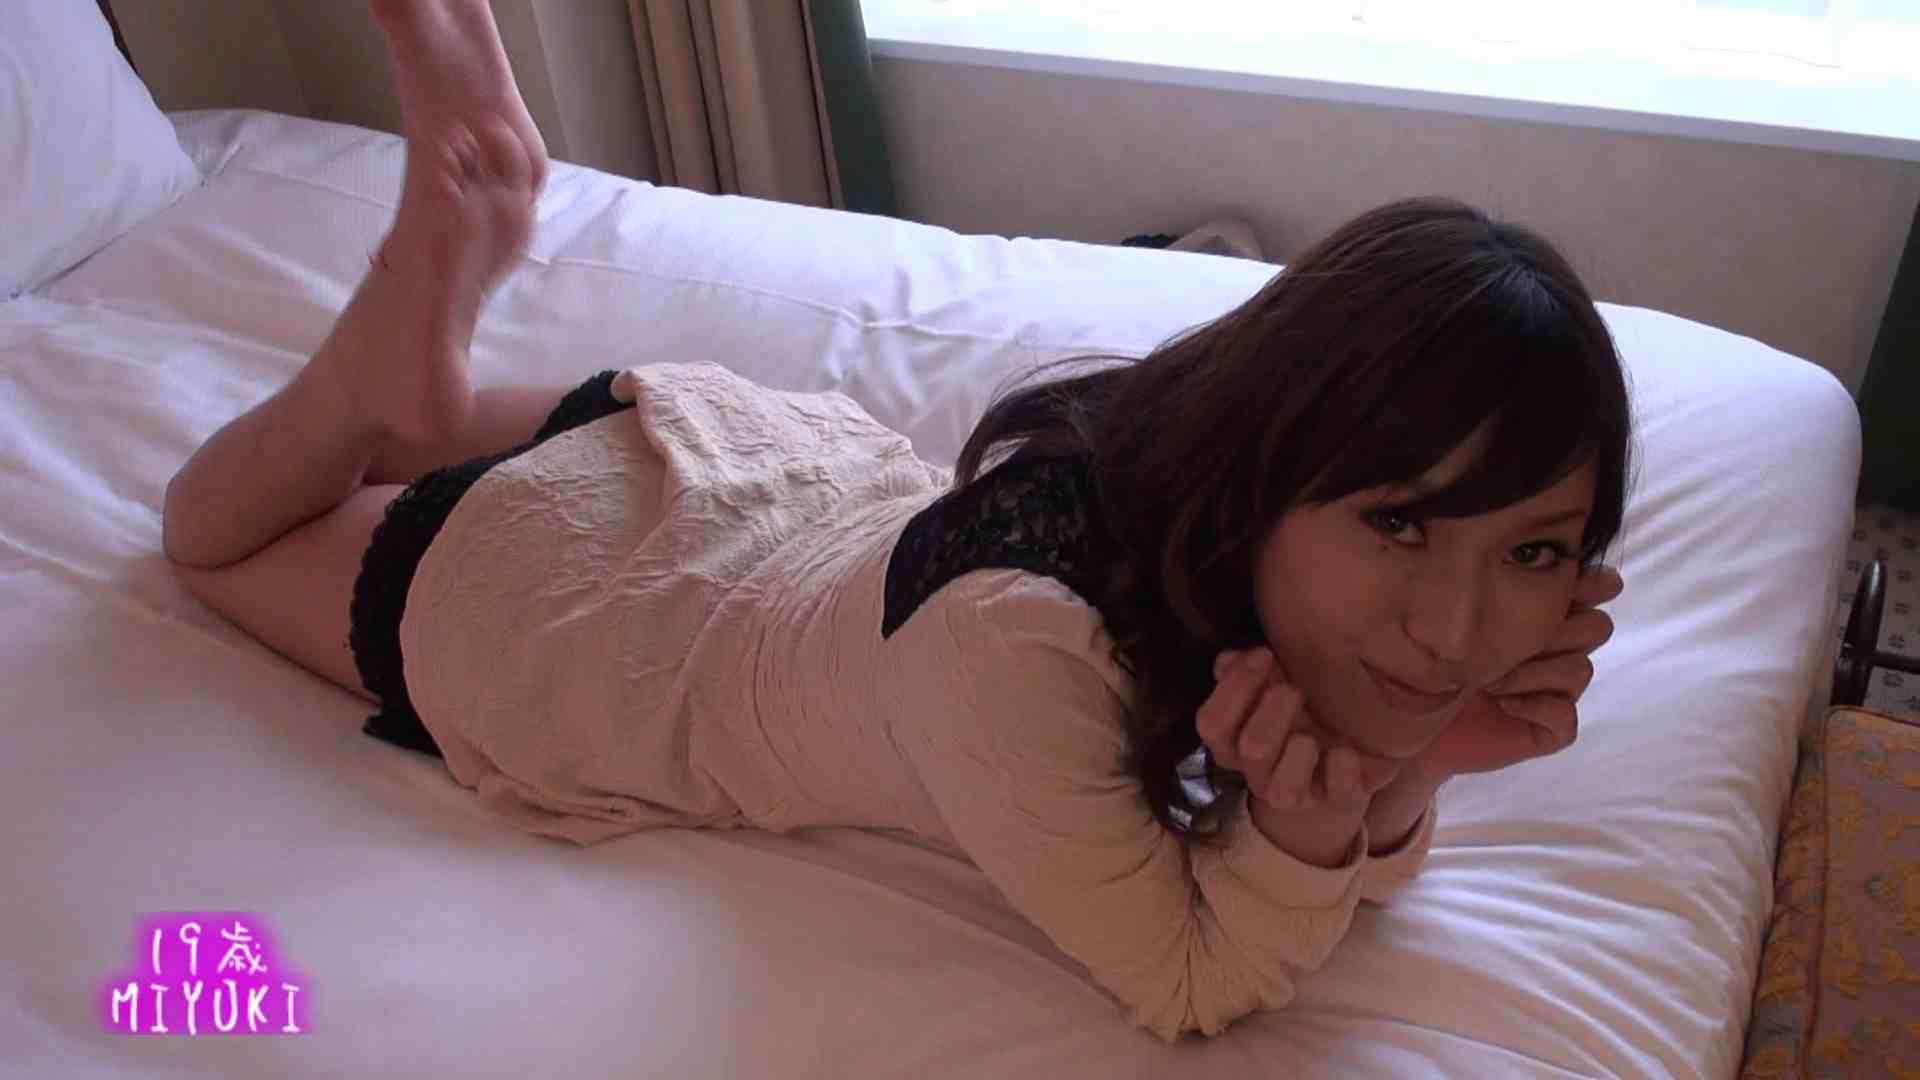 カメラテストを兼ねて、MIYUKIちゃんのイメージ撮影 メーカー直接買い取り | 素人  80画像 20